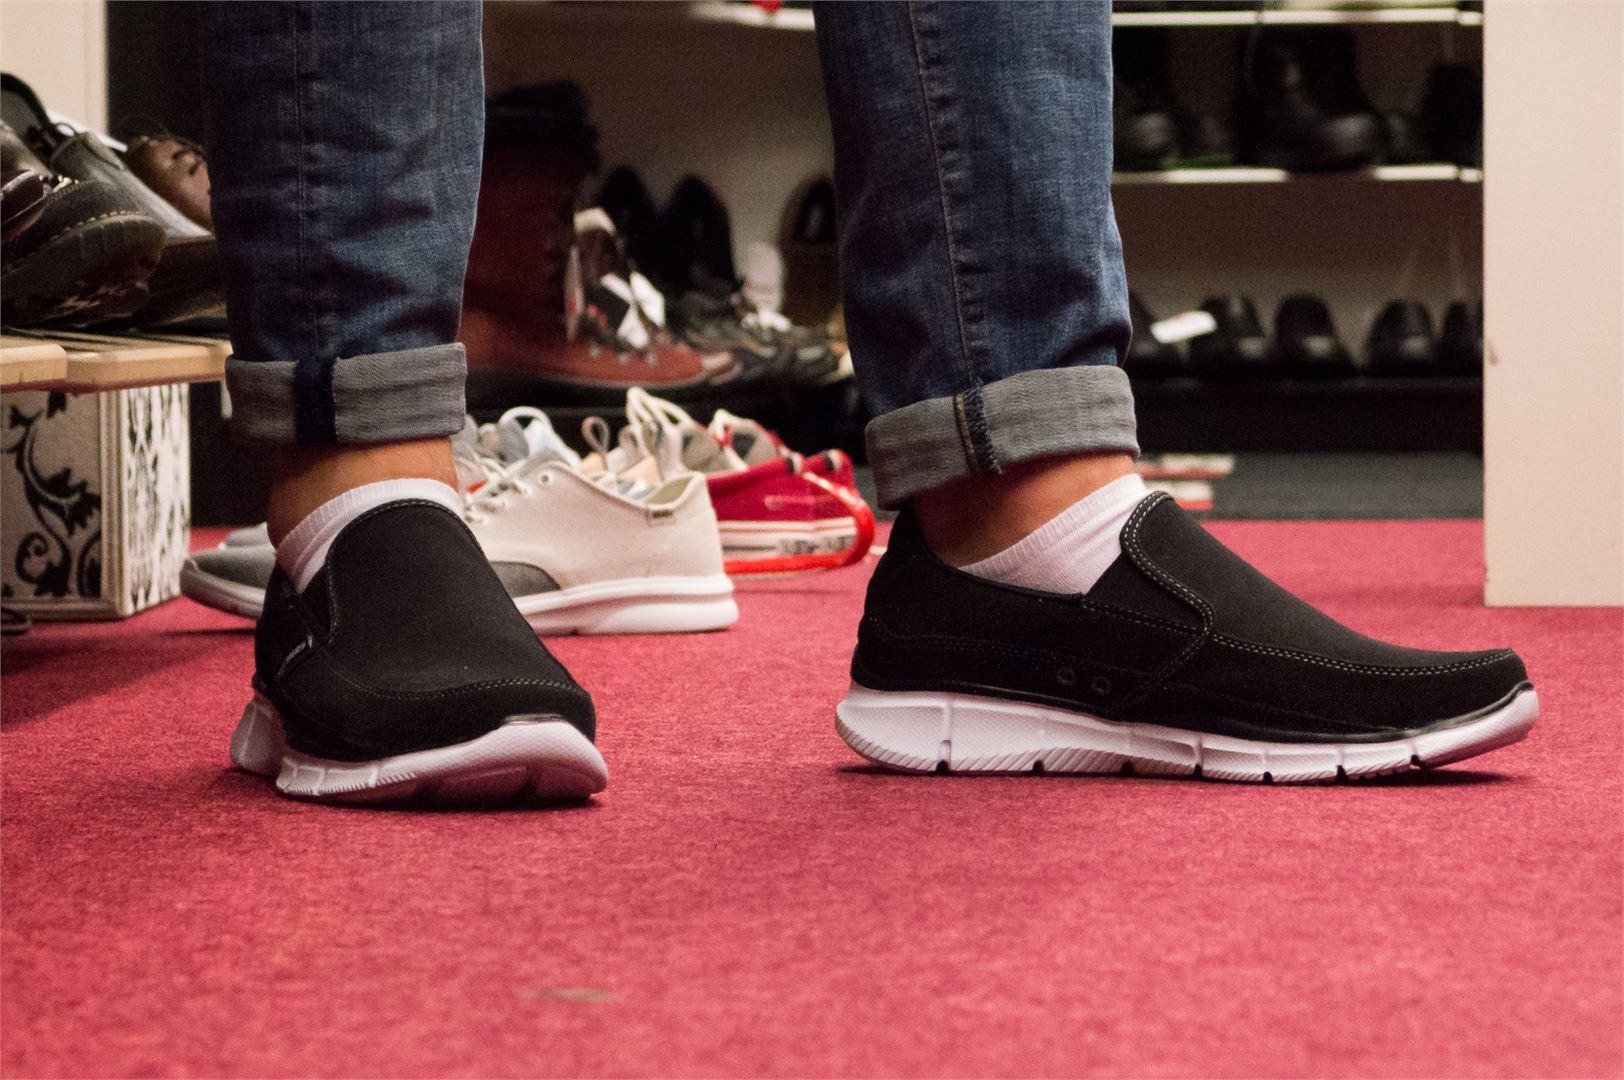 Nämä kengät käyvät töihin ja vapaa-aikaan. Skechers 100 euroa.